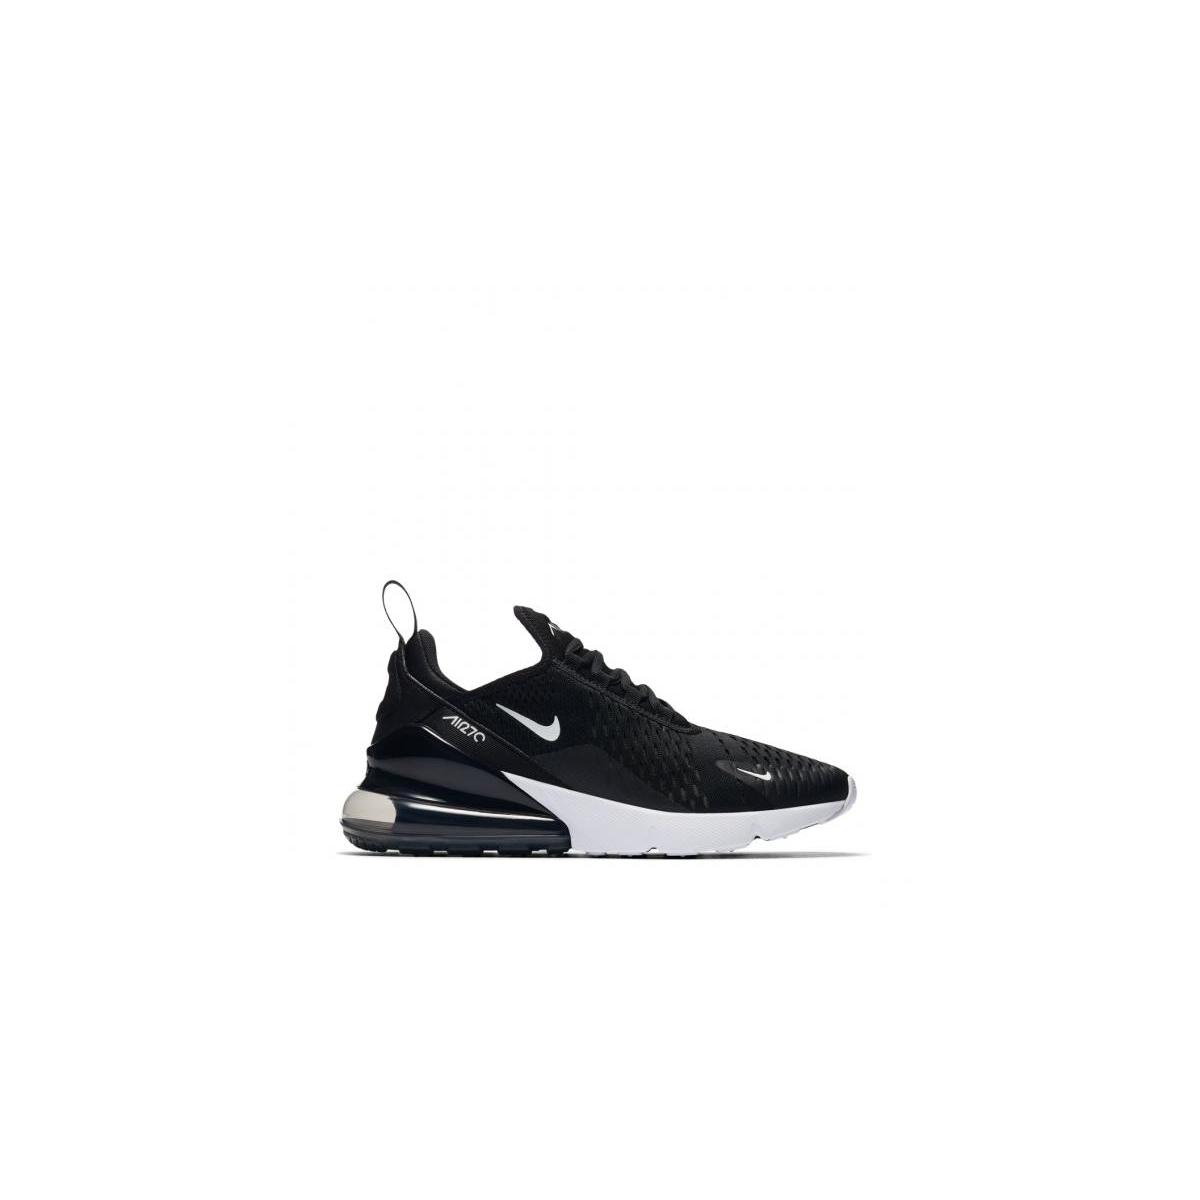 SCARPE Sneaker SCARPA MODA Nike Air Max 270 - Prodotto Disponibile 31cf4d5321c